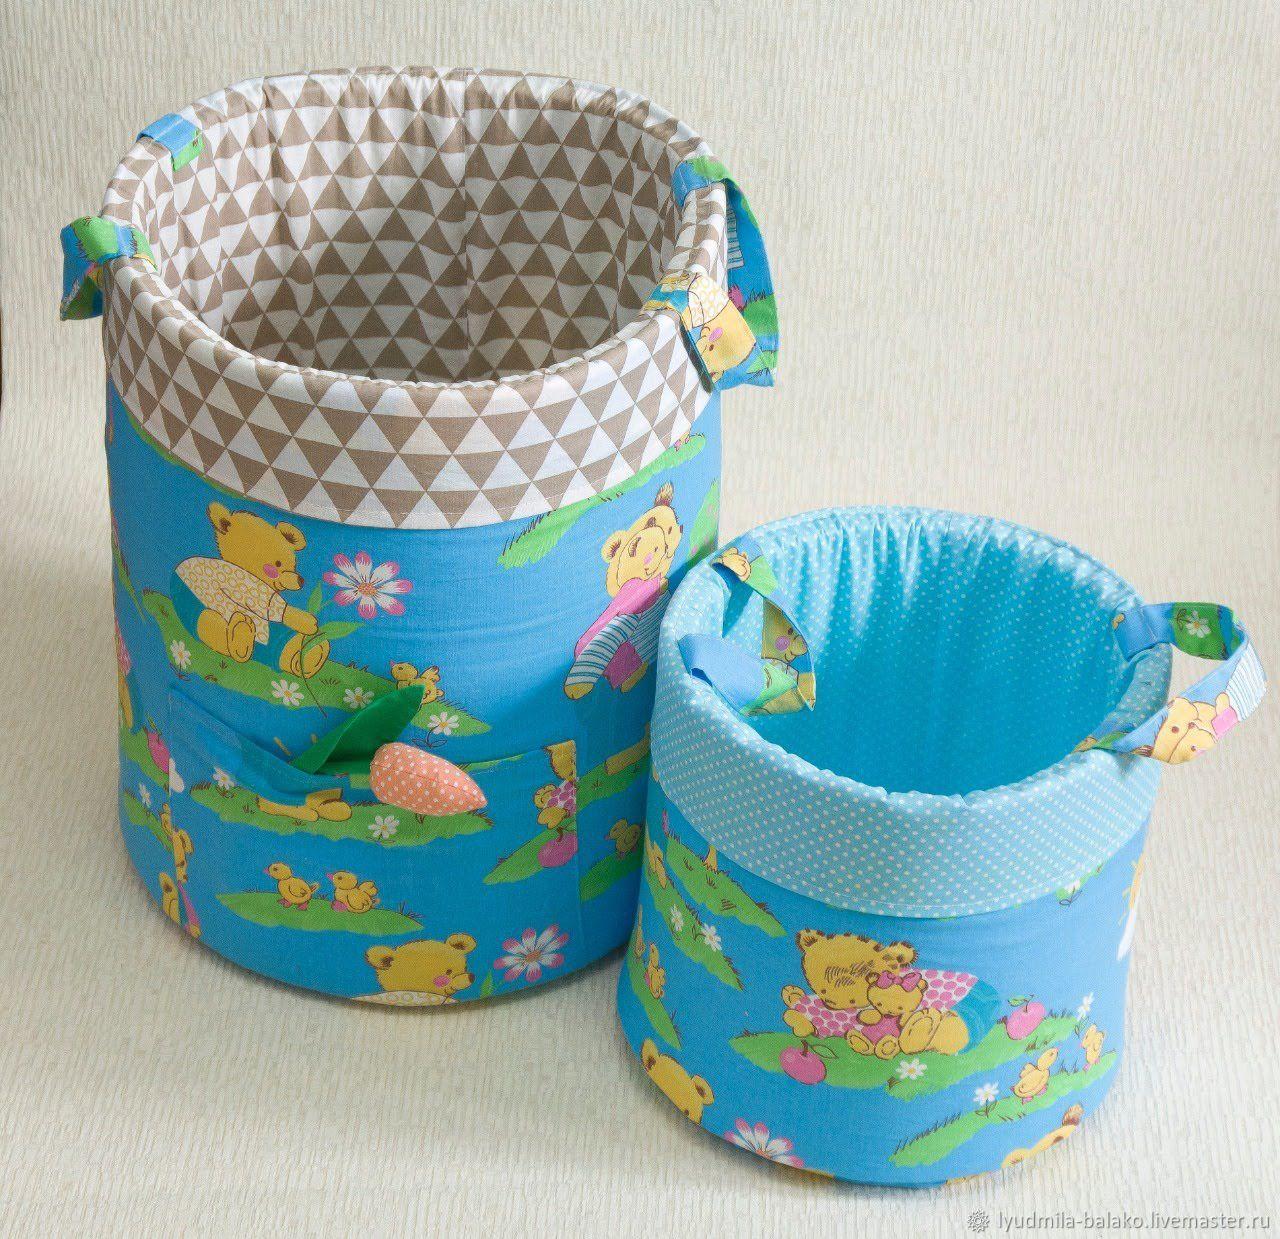 Мягкая поролоновая корзина для хранения игрушек, Аксессуары, Гурьевск, Фото №1